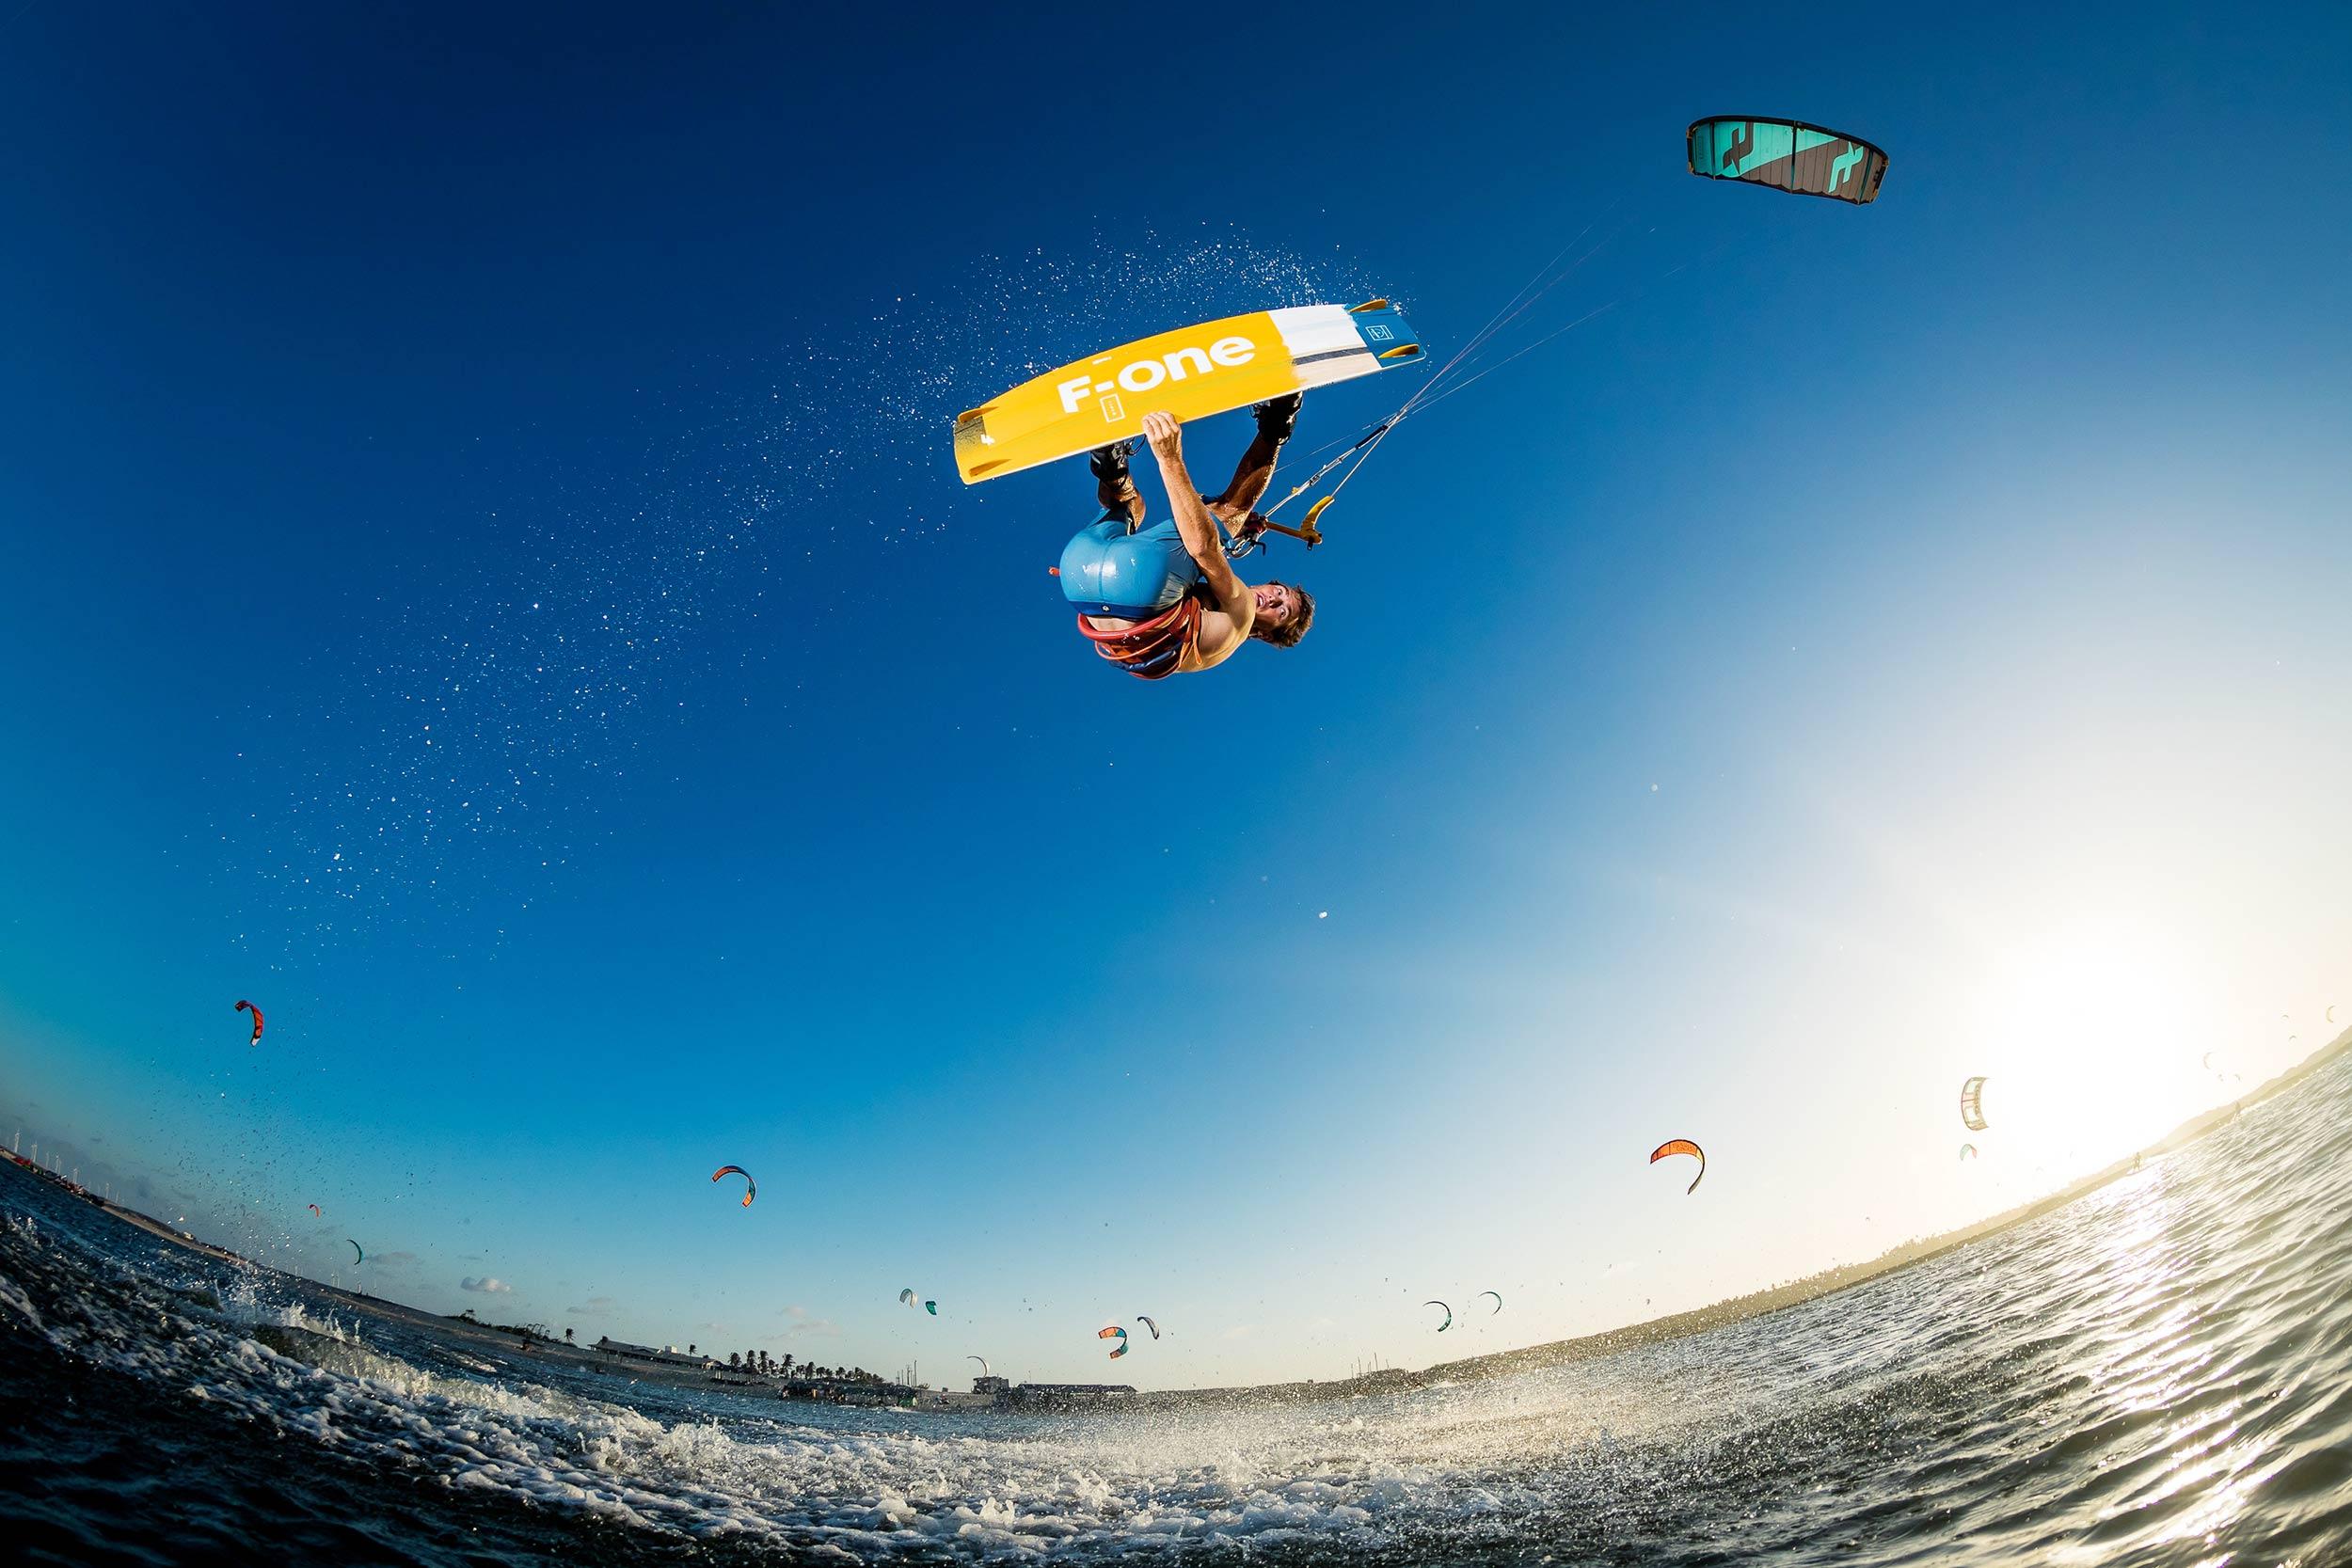 Maxime Chabloz kiteboarding in Brazil